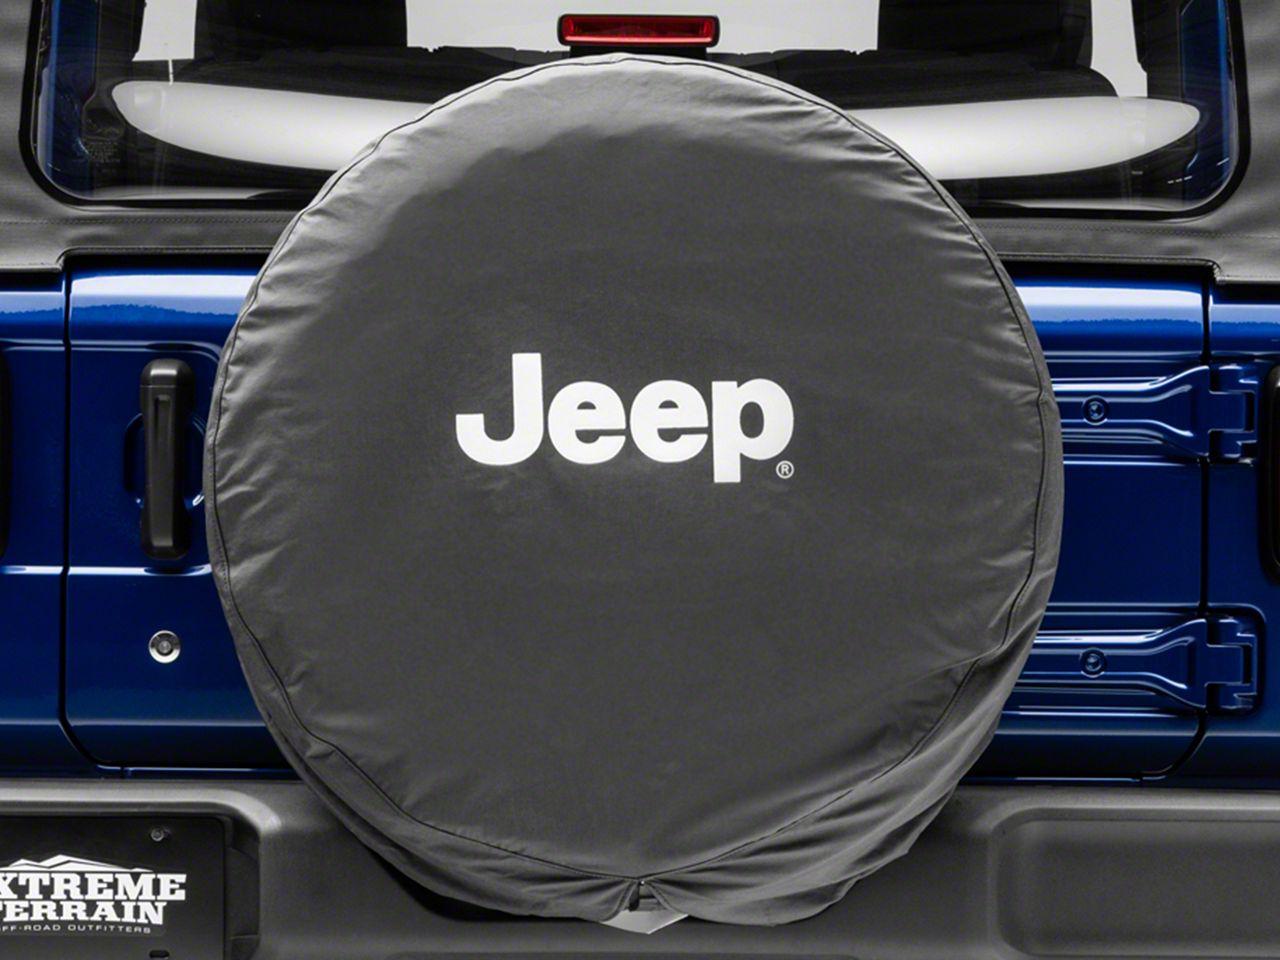 Mopar Jeep Logo Spare Tire Cover - Black & White (87-18 Jeep Wrangler YJ, TJ, JK & JL)